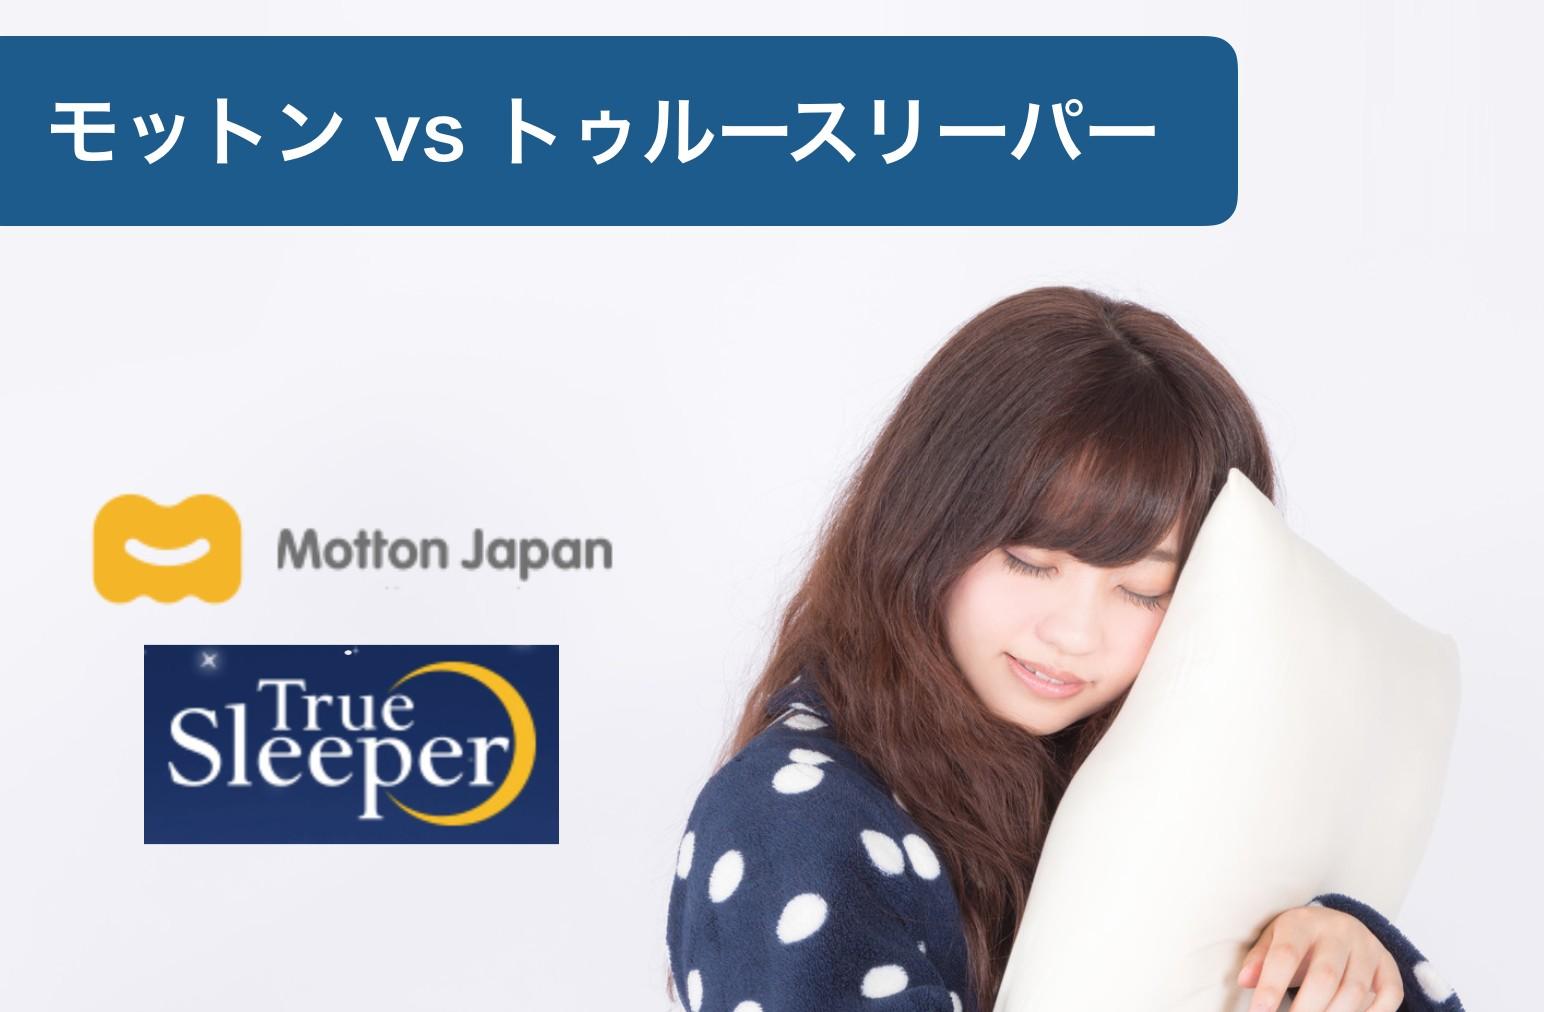 【モットンとトゥルースリーパー比較】口コミと寝心地徹底分析